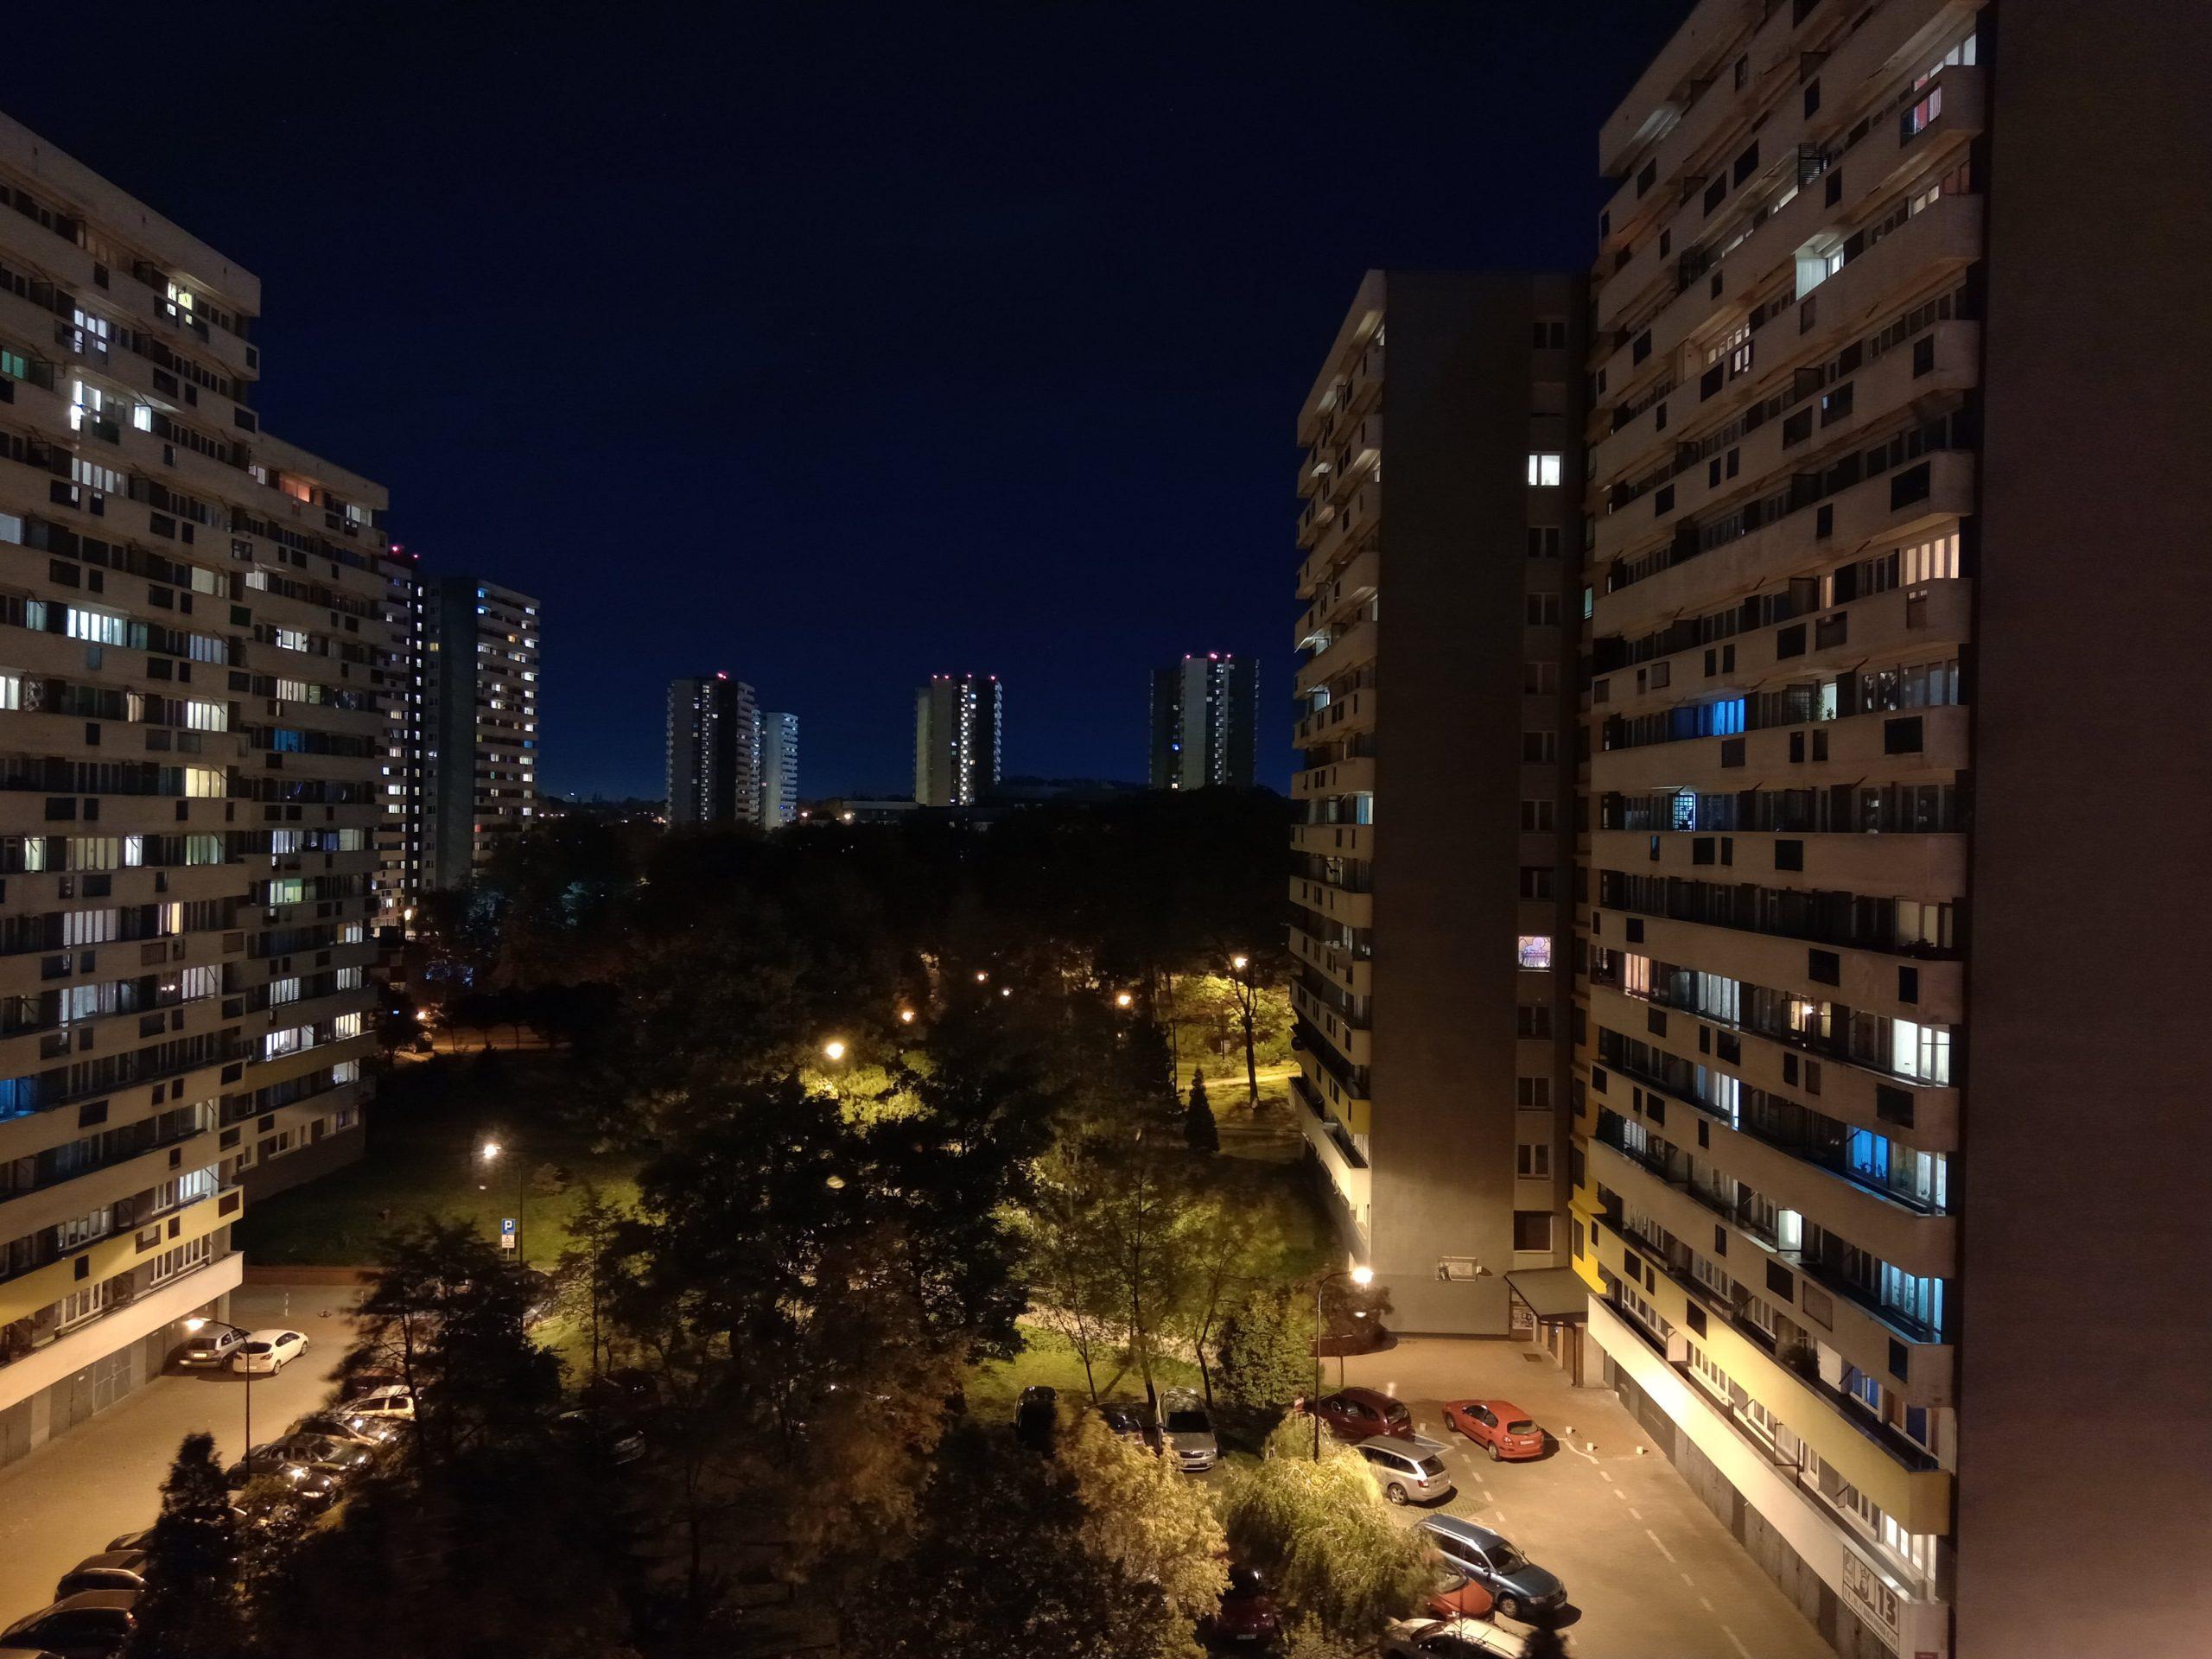 Zdjęcia nocne - HTC Desire 19+